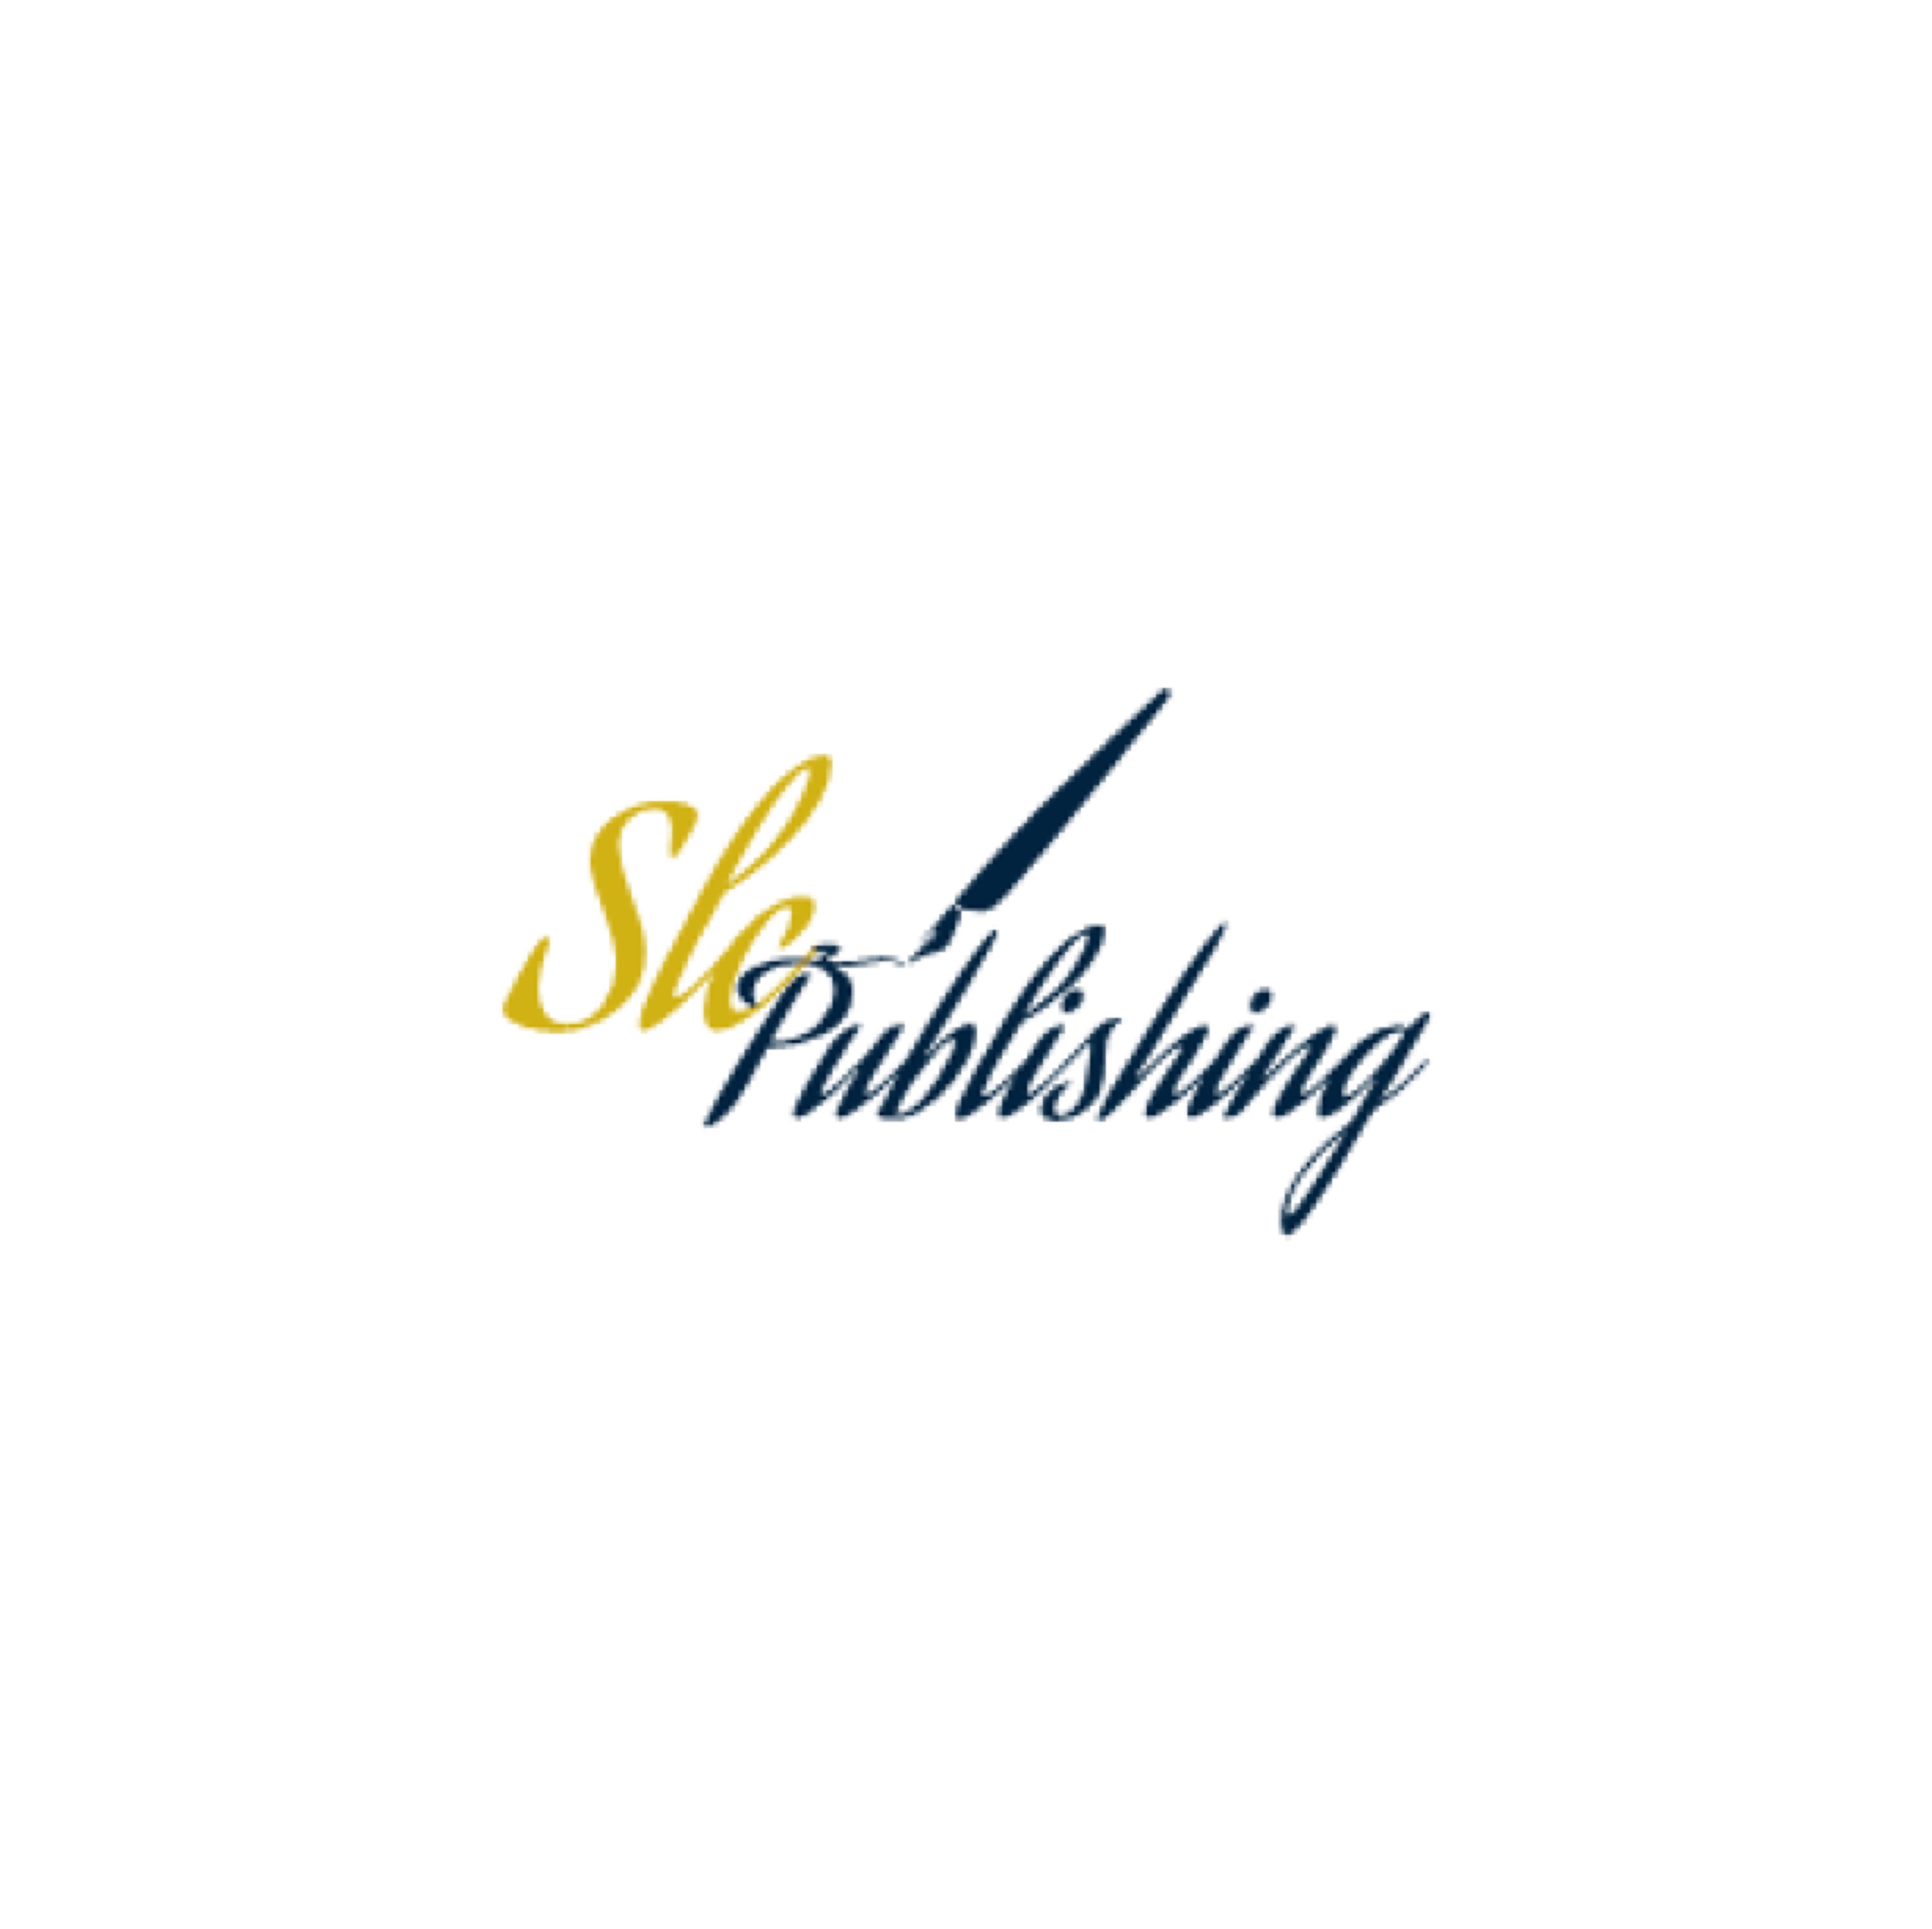 SLC Publishing